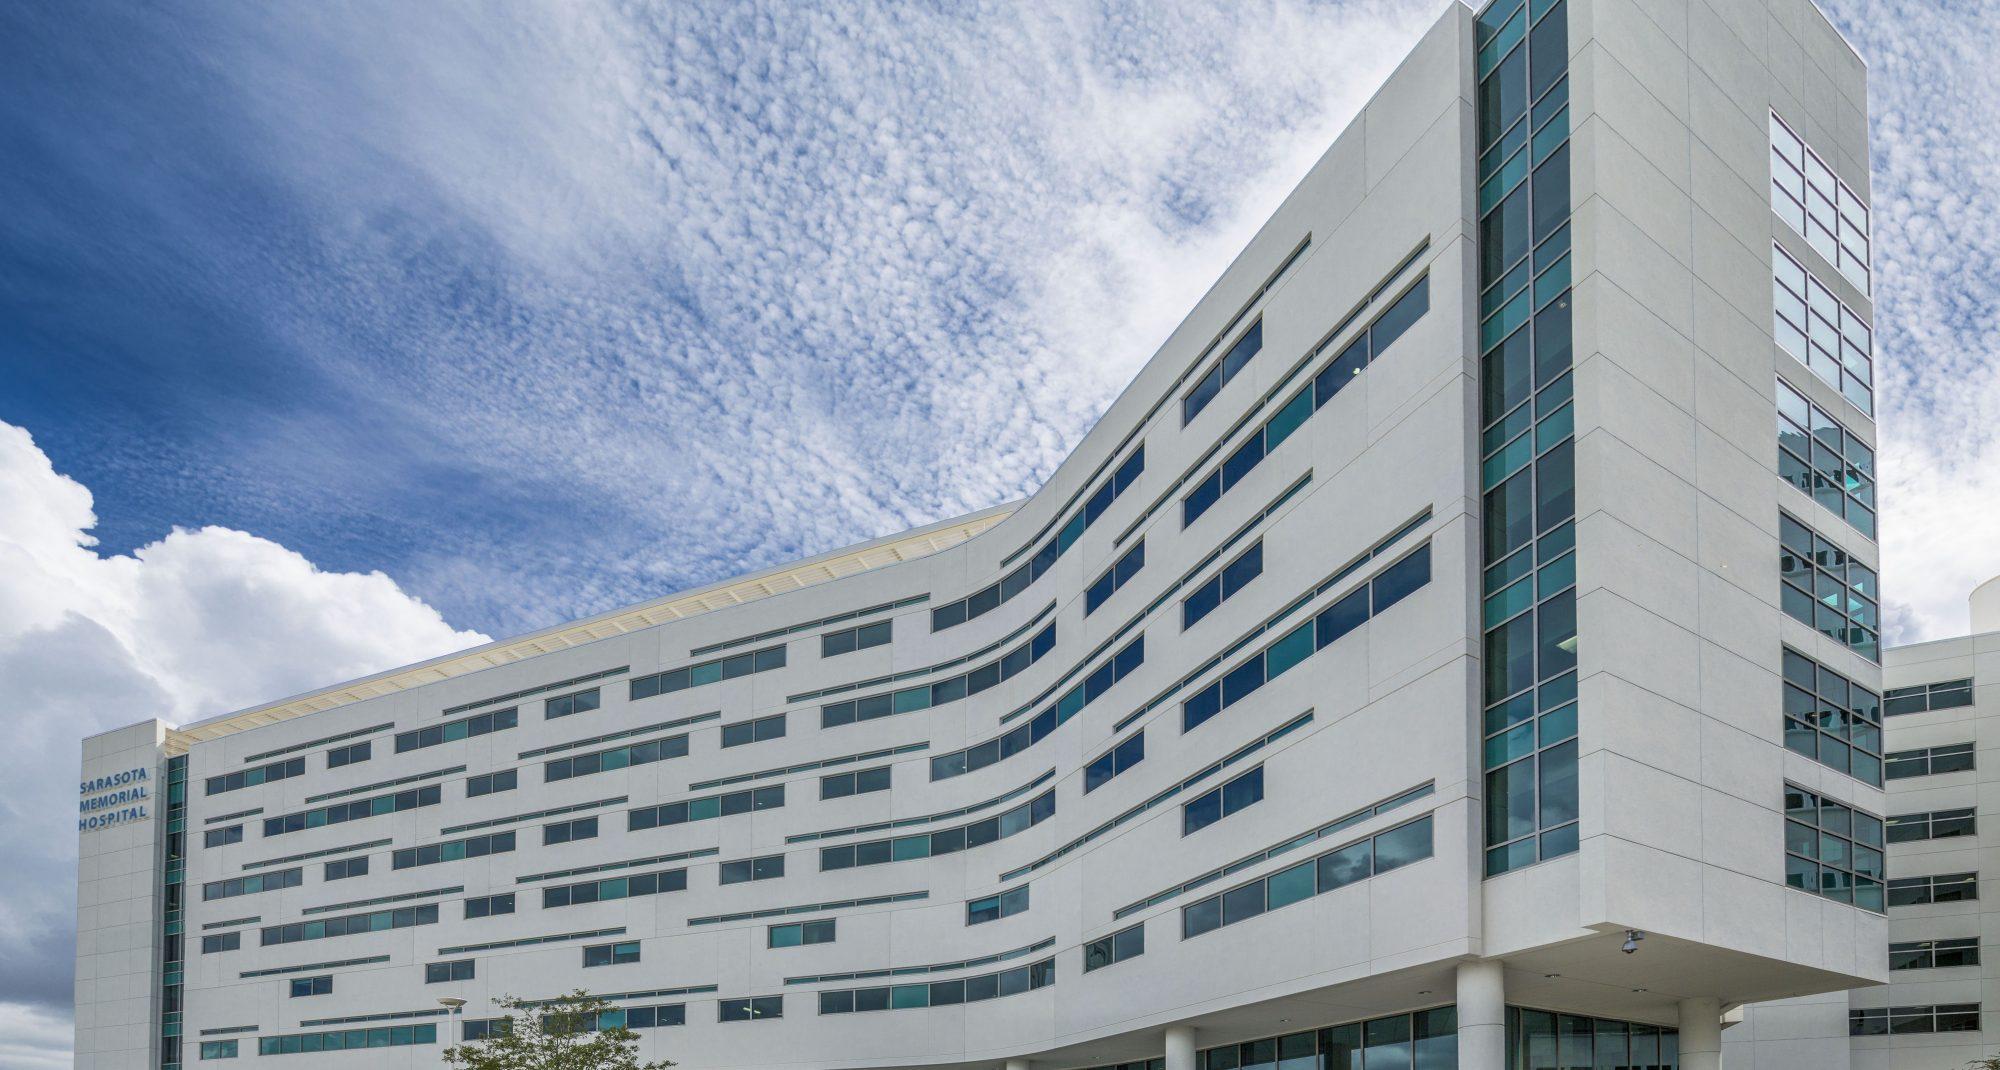 Sarasota Memorial Hospital Home